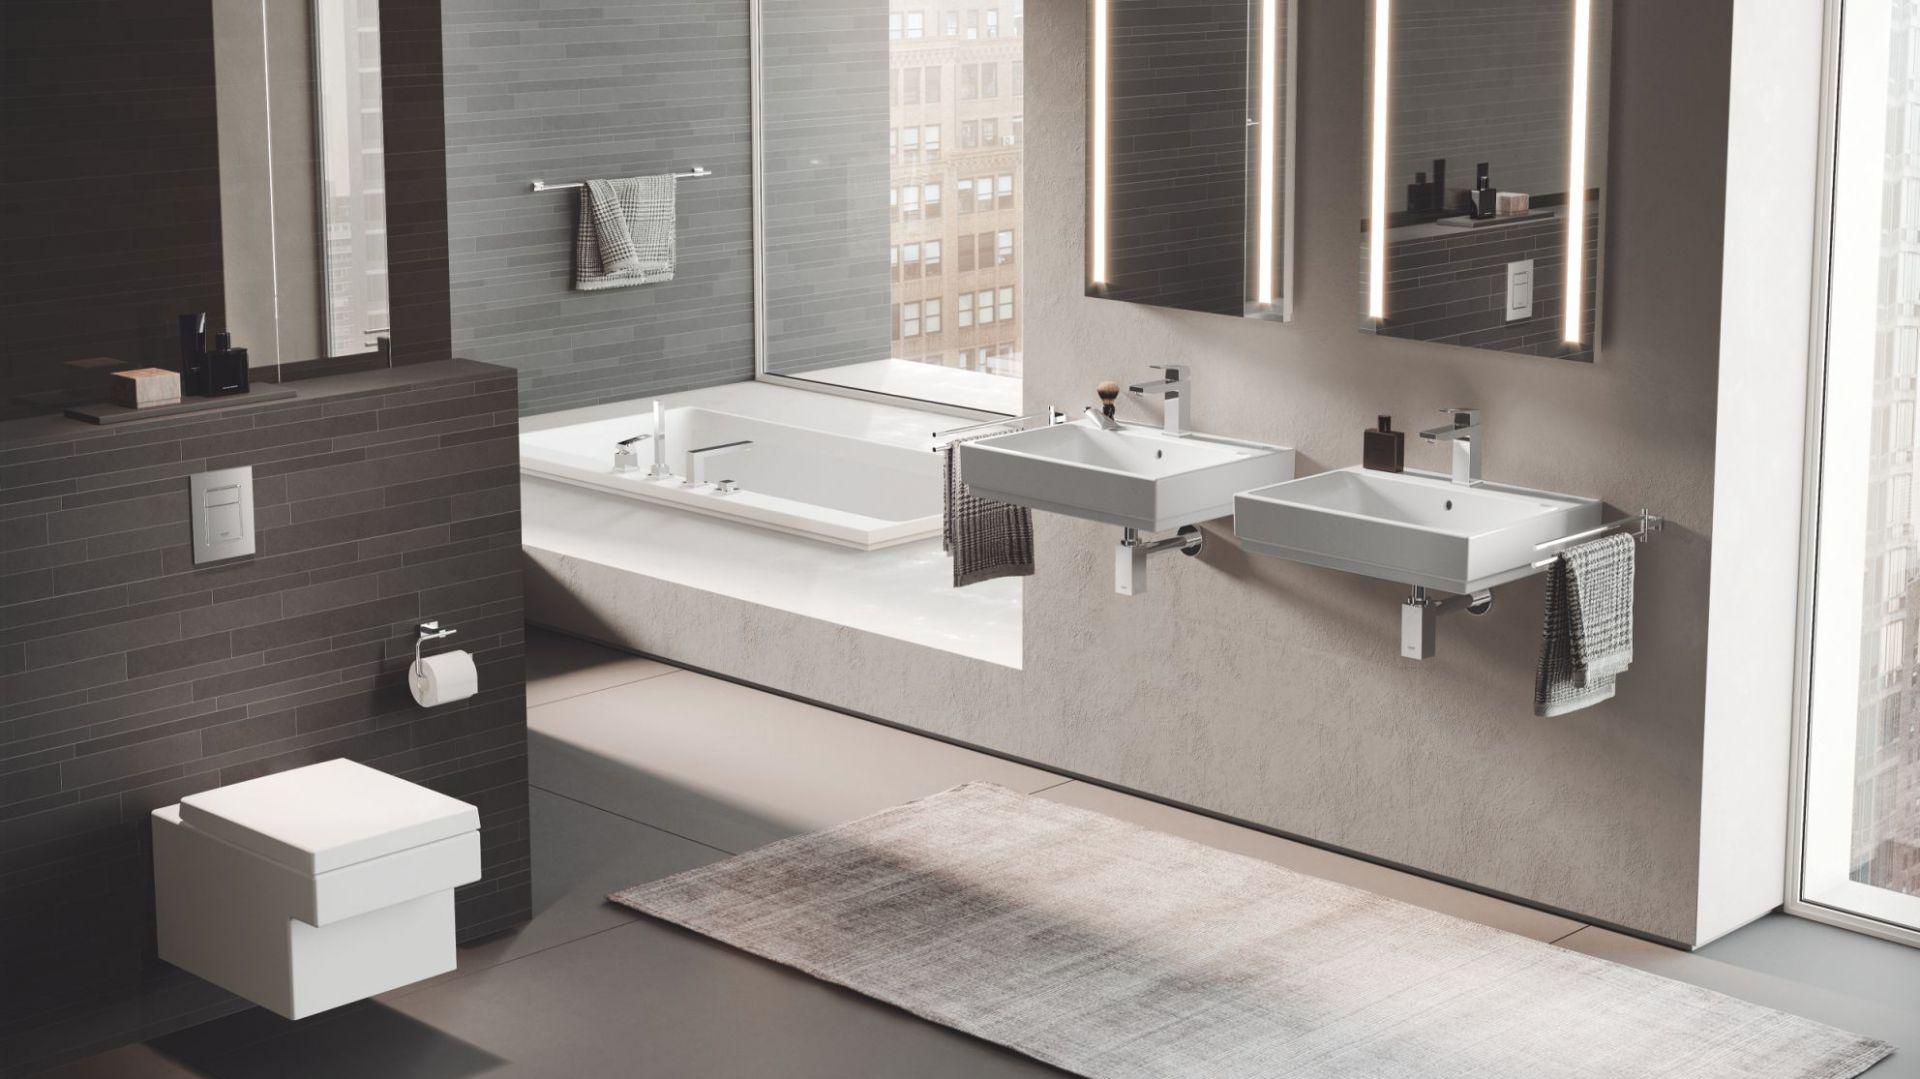 Innowacyjne rozwiązania łazienkowe. Fot. Grohe